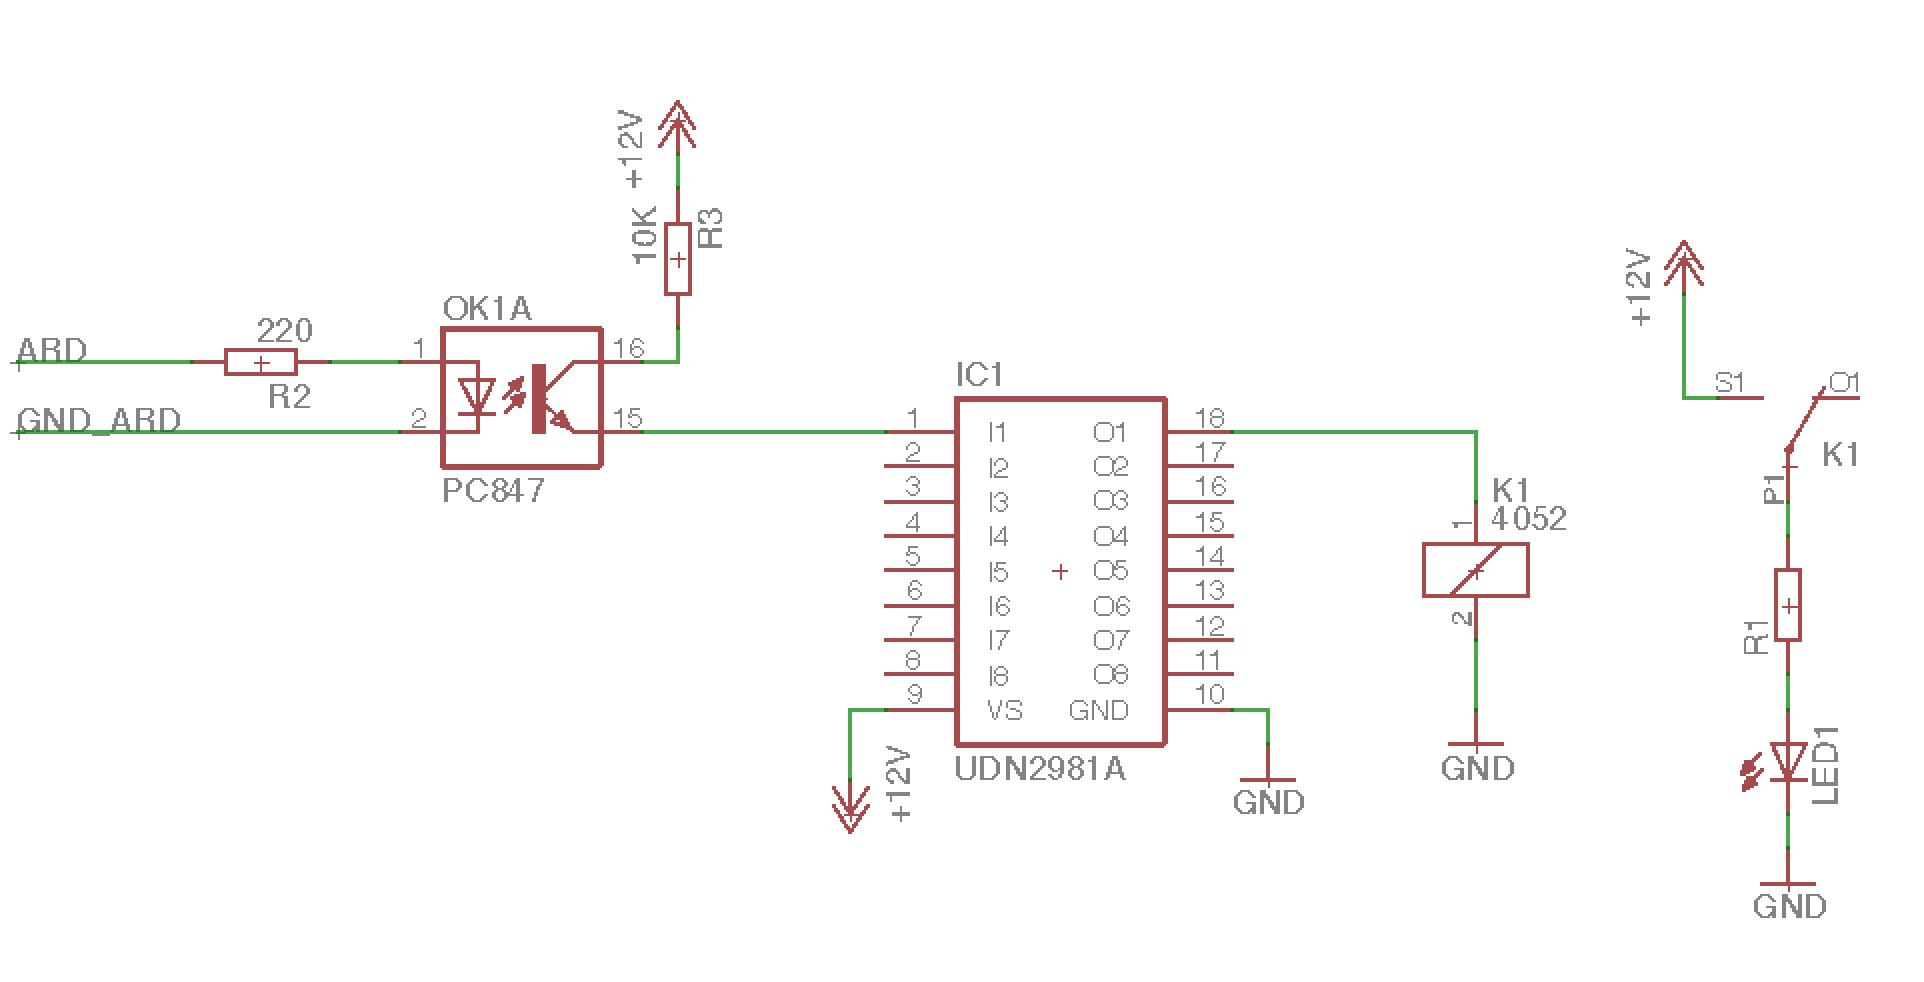 Ziemlich Topf Licht Verdrahtung Bilder - Der Schaltplan - triangre.info